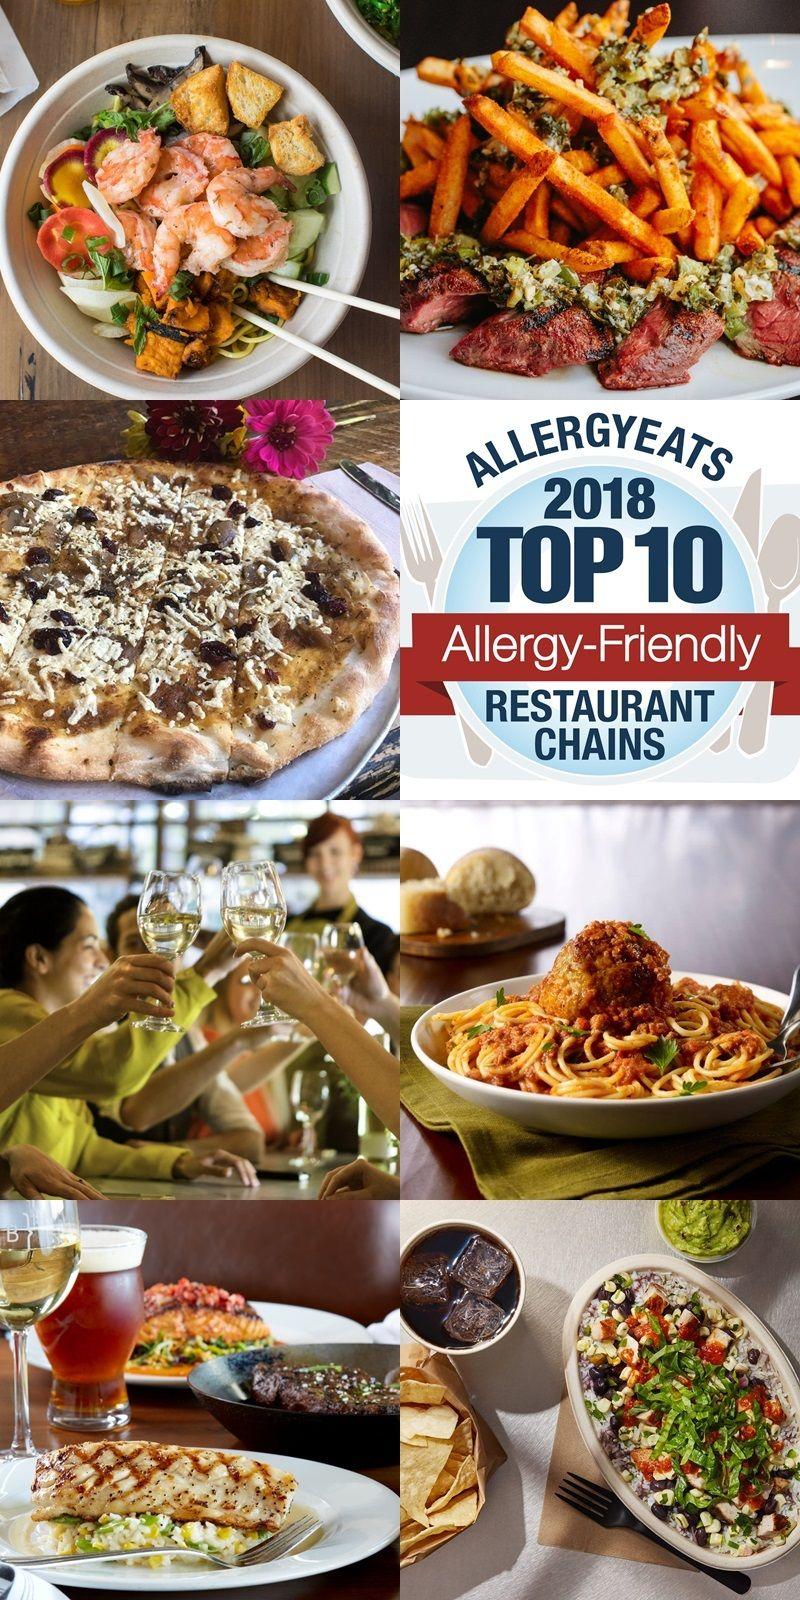 The Top 10 Allergy Friendly Restaurant Chains In America For 2018 Allergy Friendly Restaurants Food Allergies Paleo Restaurants